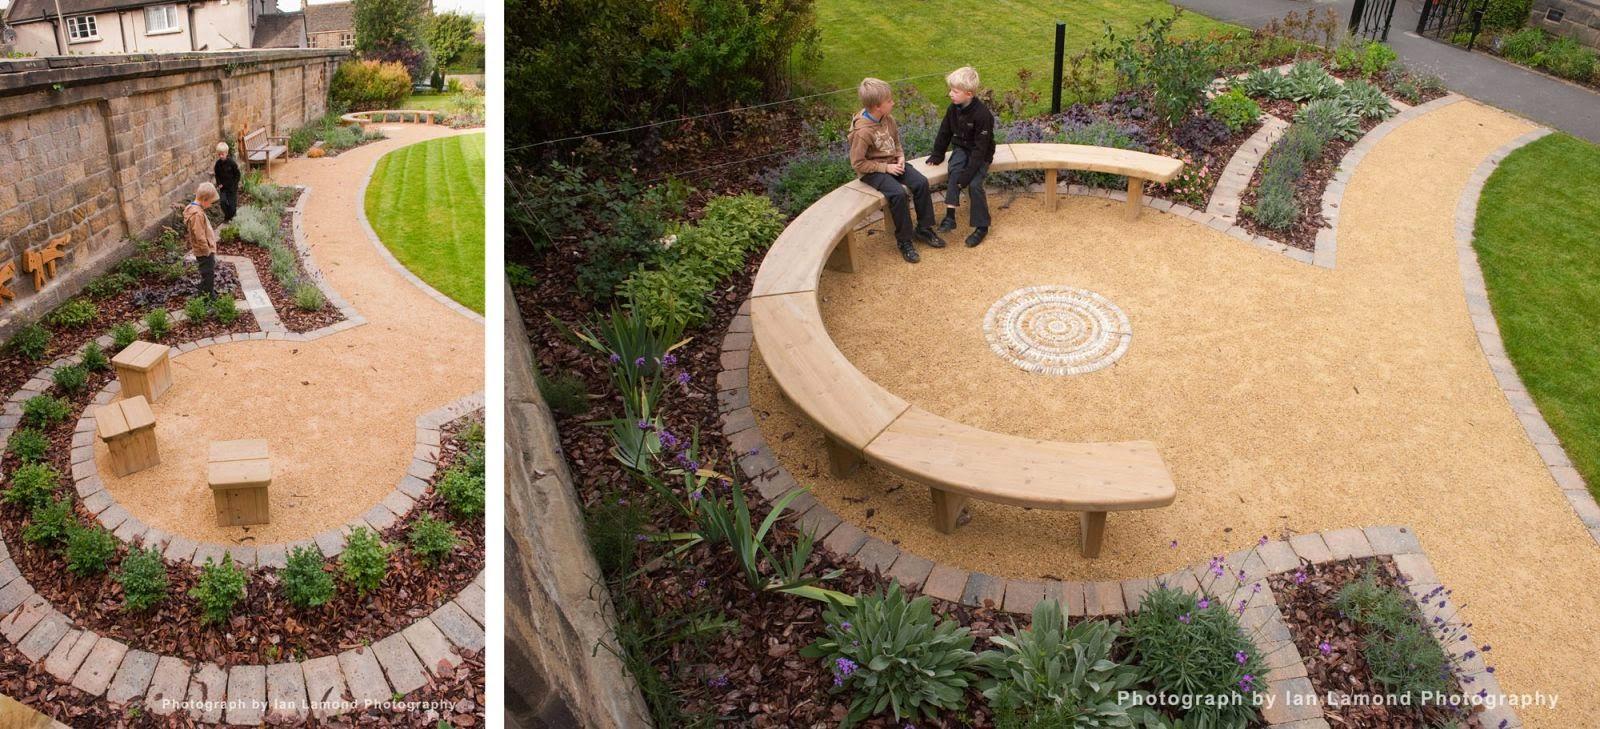 Garden Design And Landscaping School Garden Design Left Project